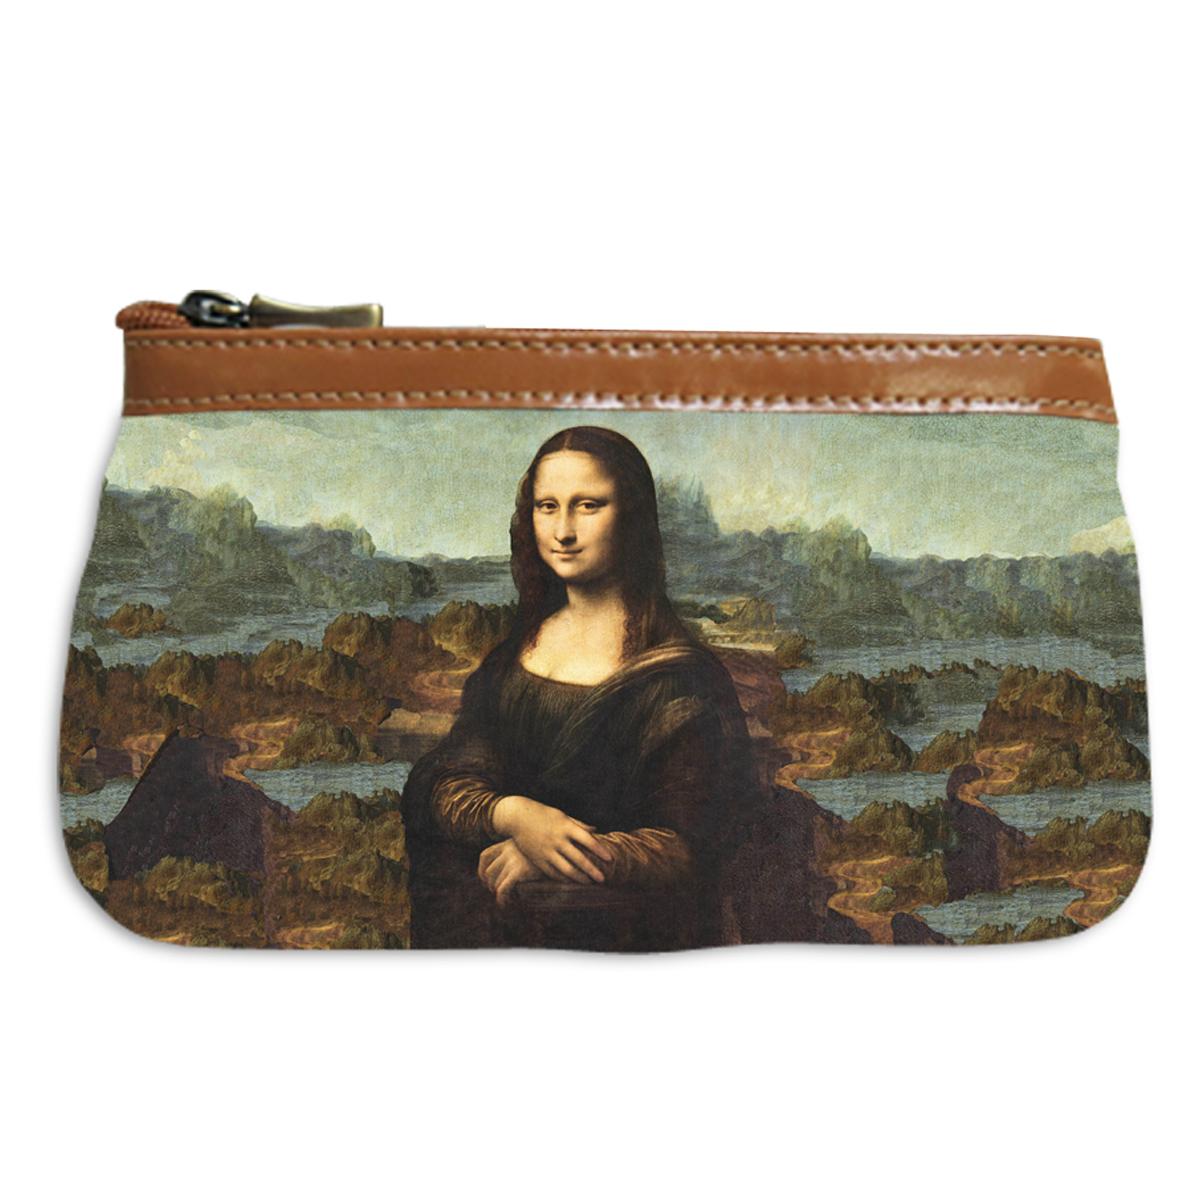 Pochette trousse artisanale \'Léonard de Vinci\' (la Joconde)  - 17x12 cm - [Q6657]